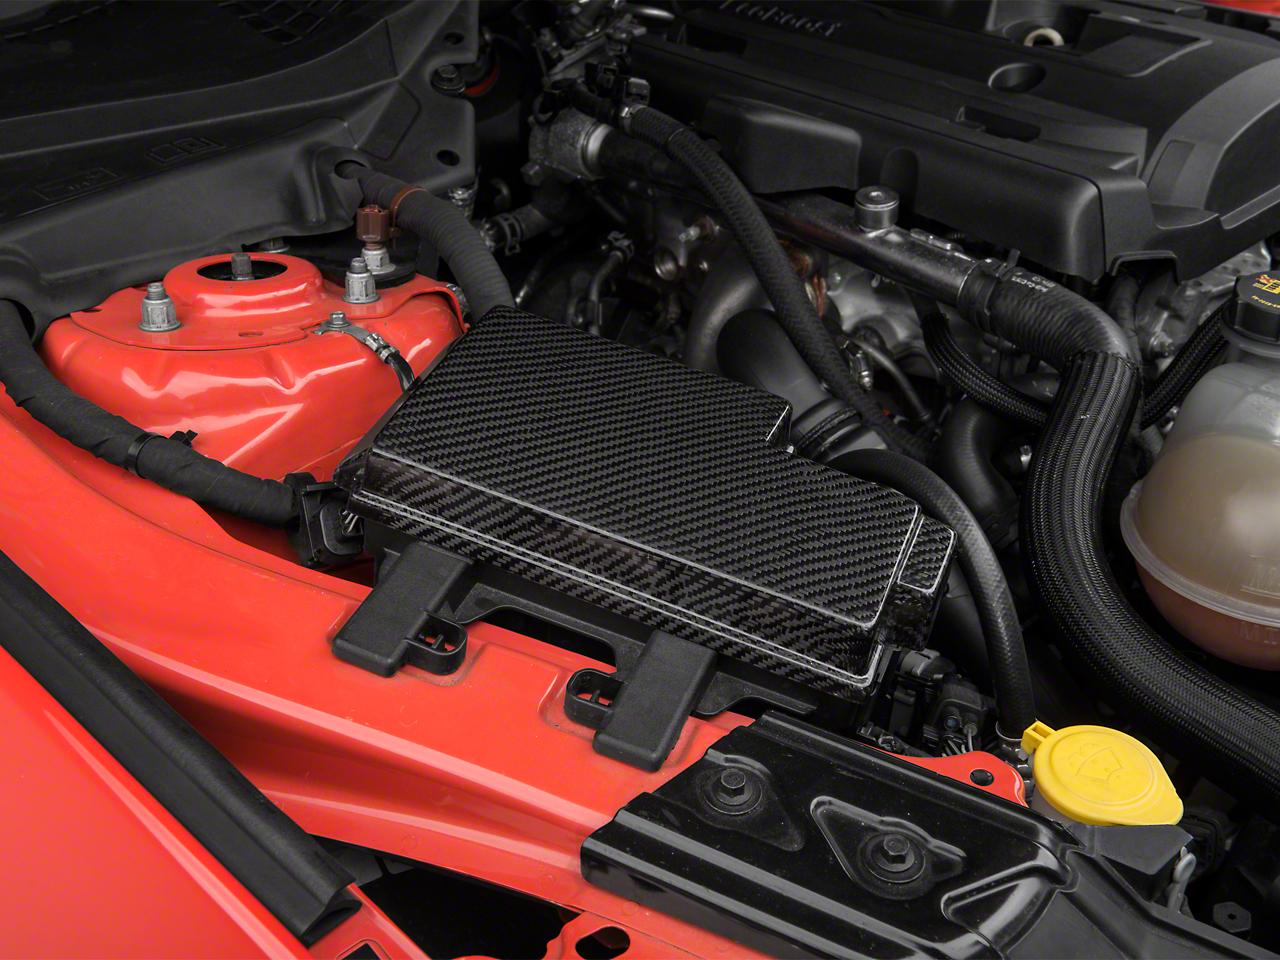 Trufiber Carbon Fiber Fuse Box Cover (15-17 GT, EcoBoost, V6)